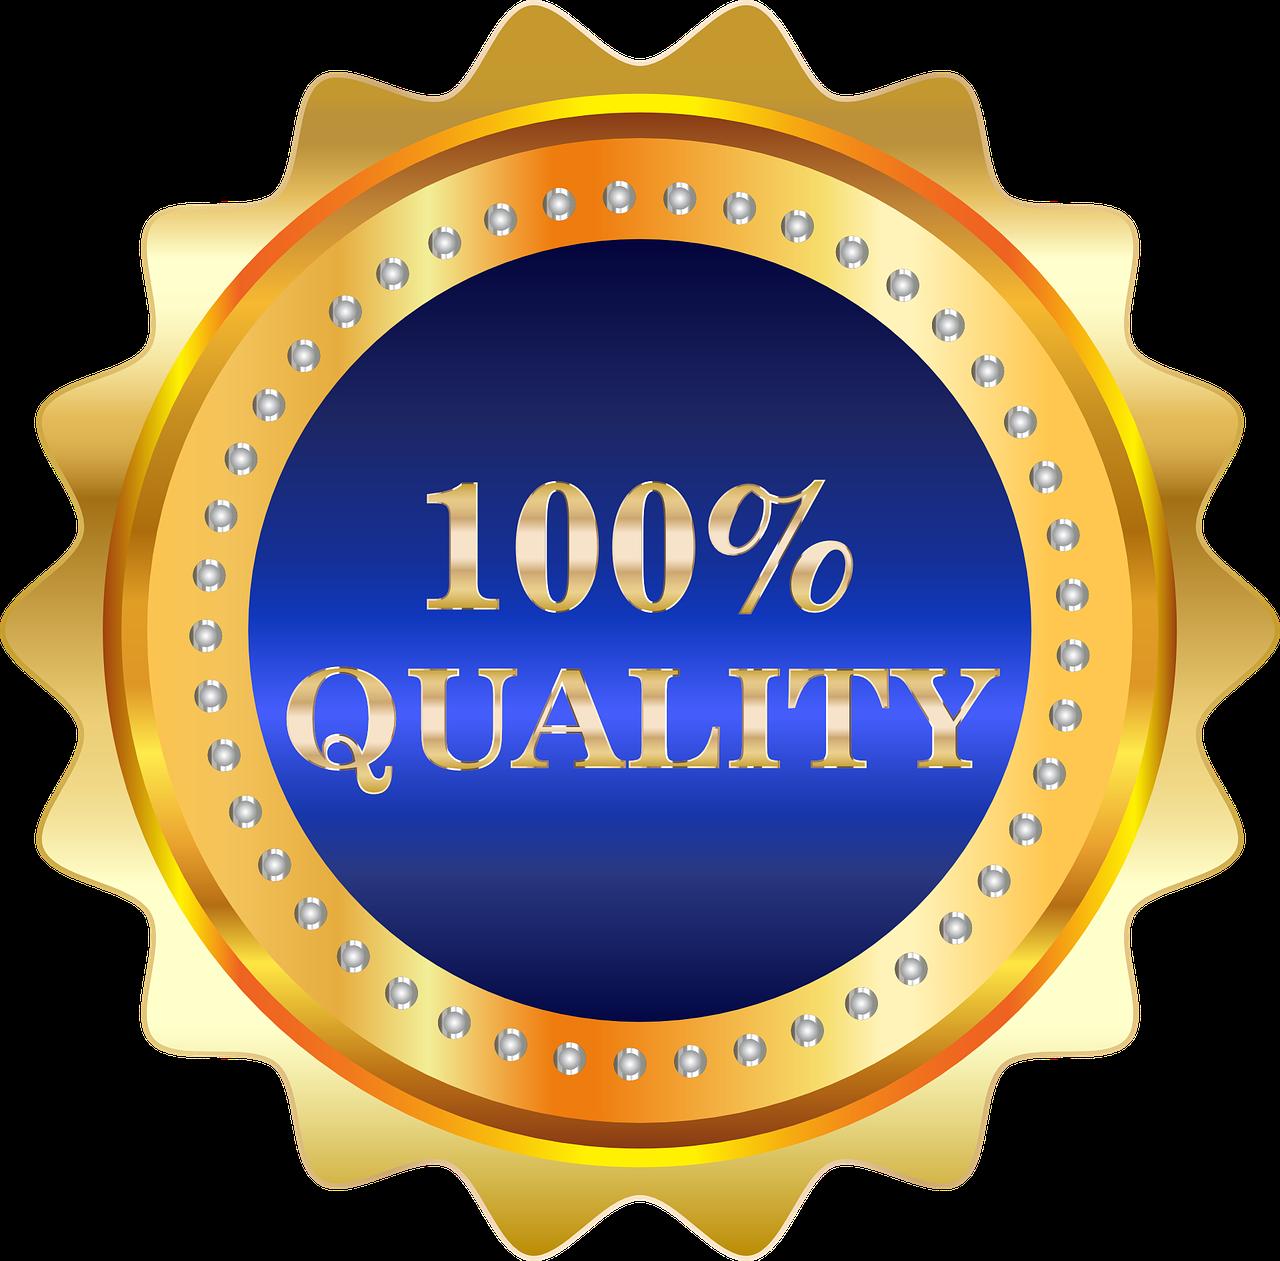 Мы продаем только проверенные бренды, товары в качестве которых мы уверены.